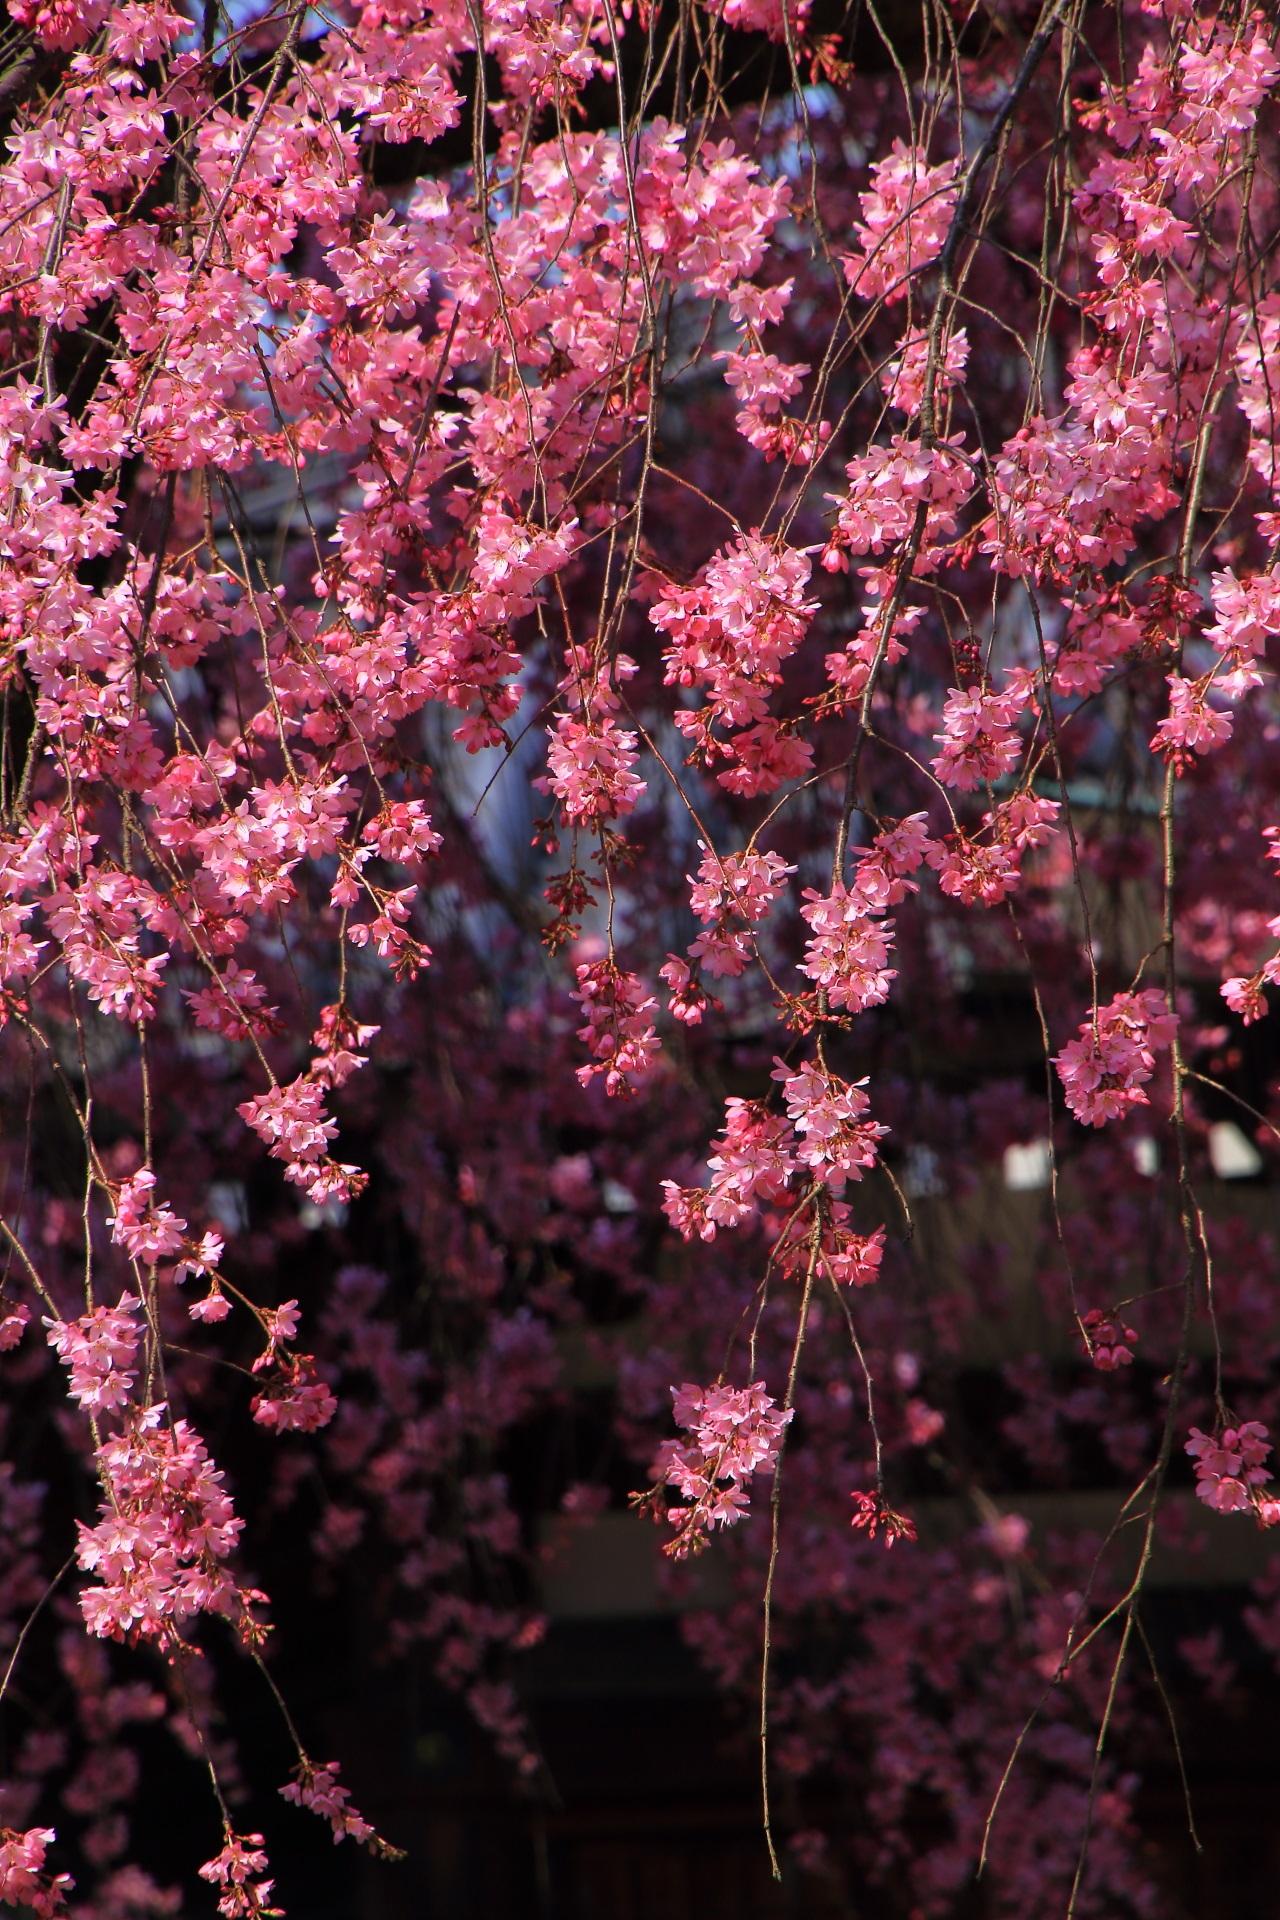 礼拝堂を背景にして緩い光に照らされる濃いピンクの花びら